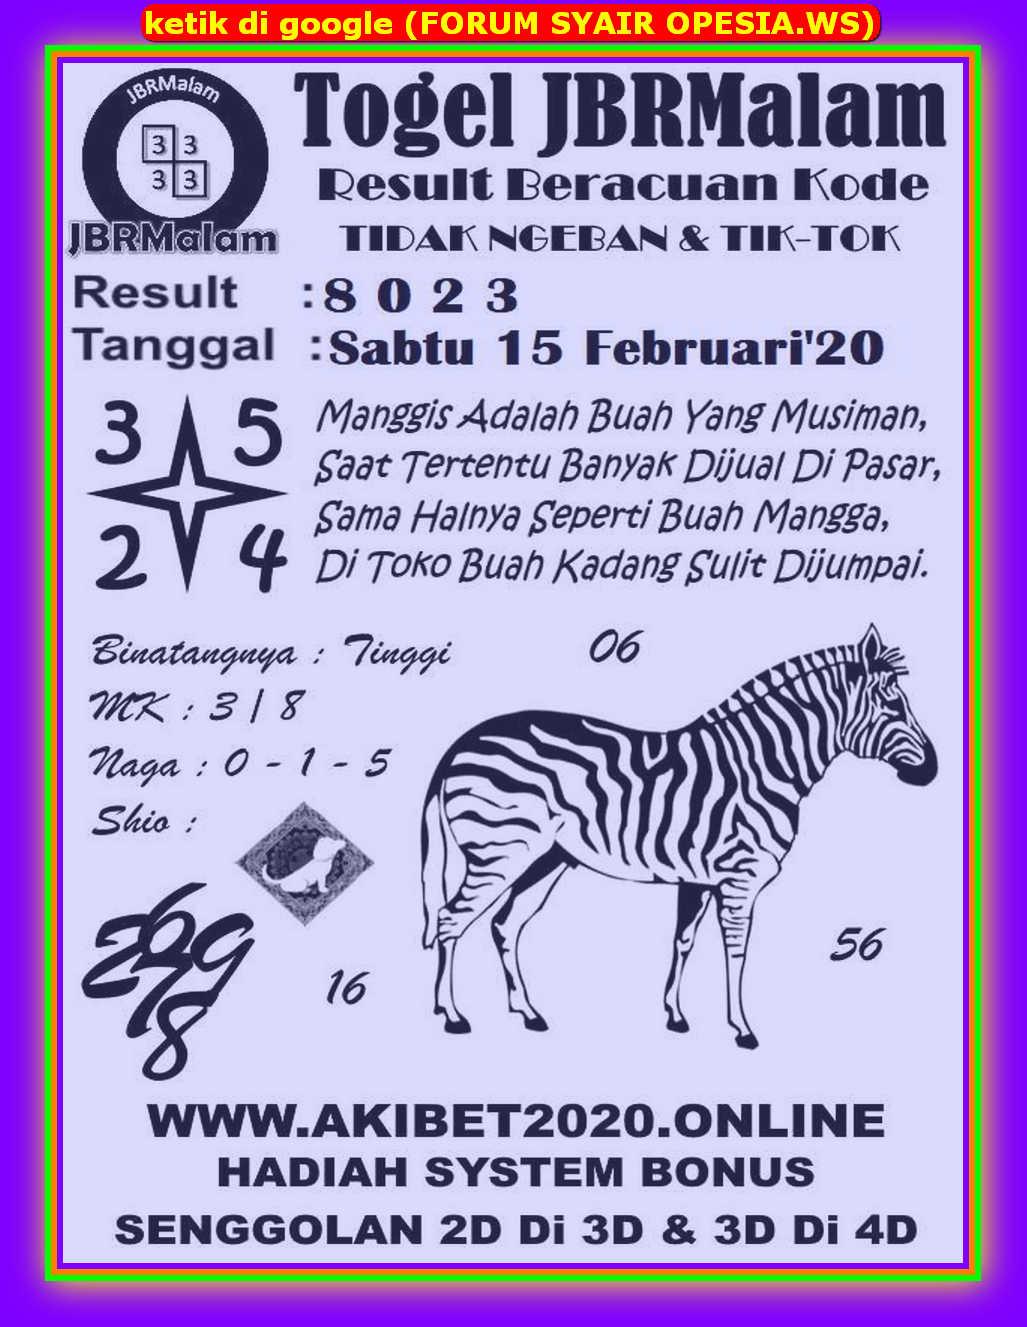 Kode syair Sydney Sabtu 15 Februari 2020 63